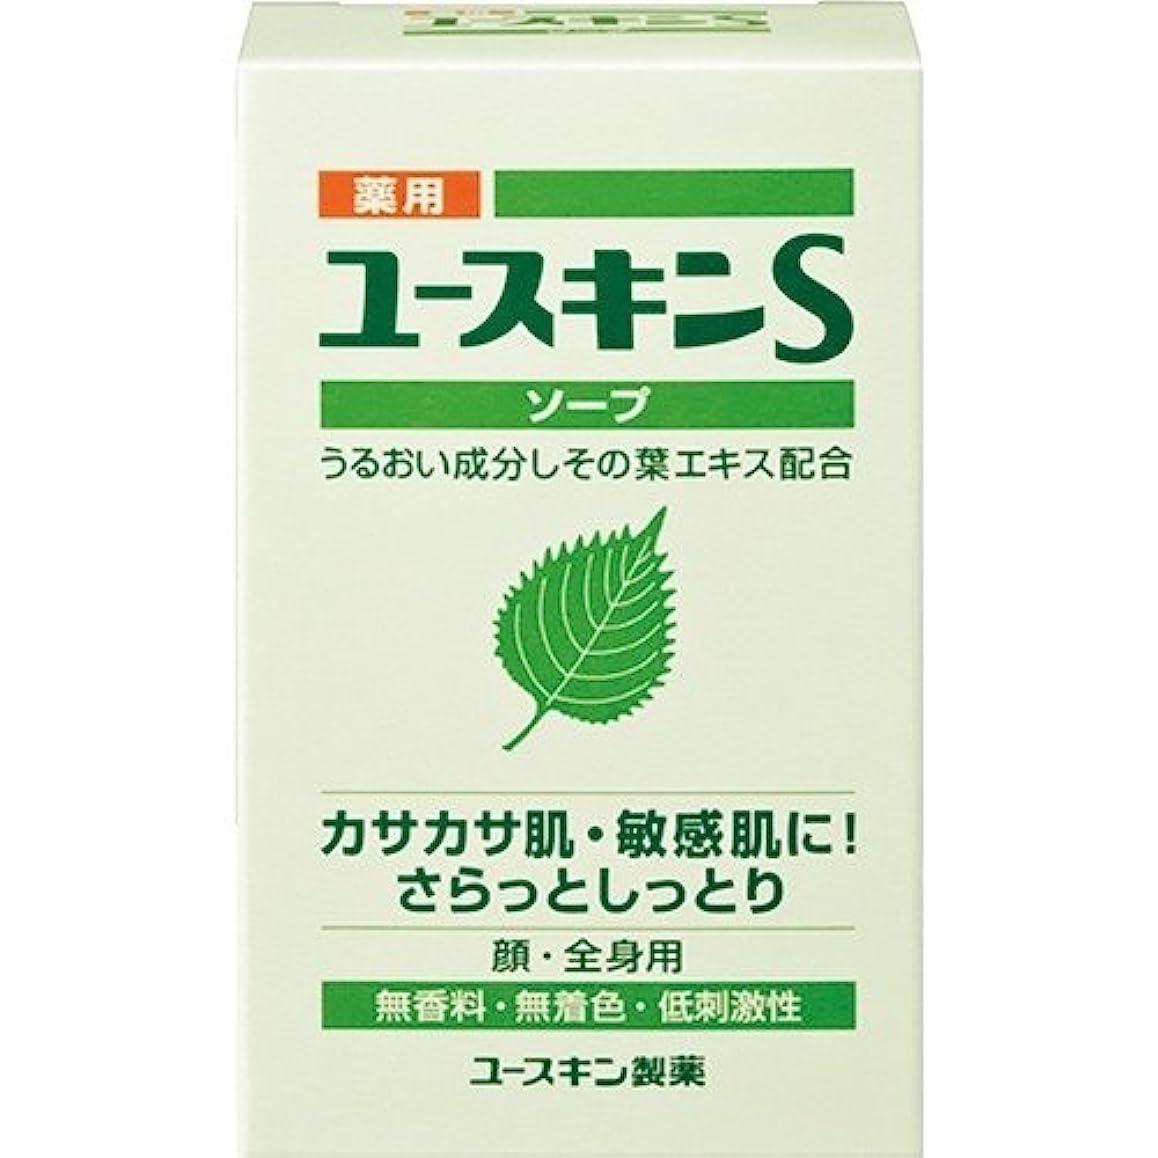 見かけ上酸化物クアッガ薬用ユースキンSソープ